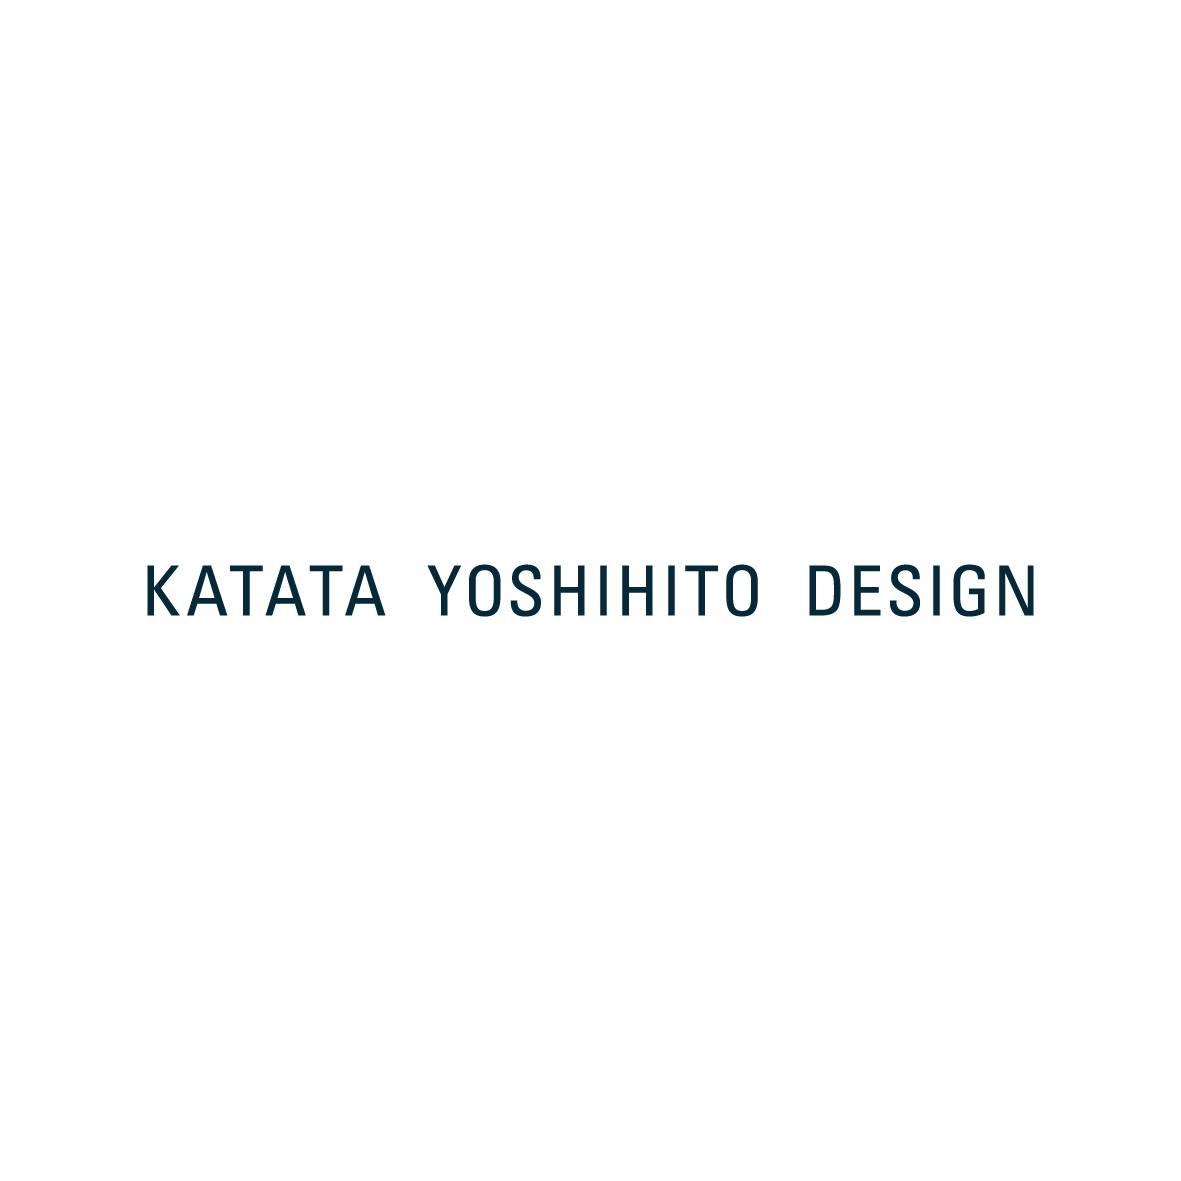 KATATA YOSHIHITO DESIGN